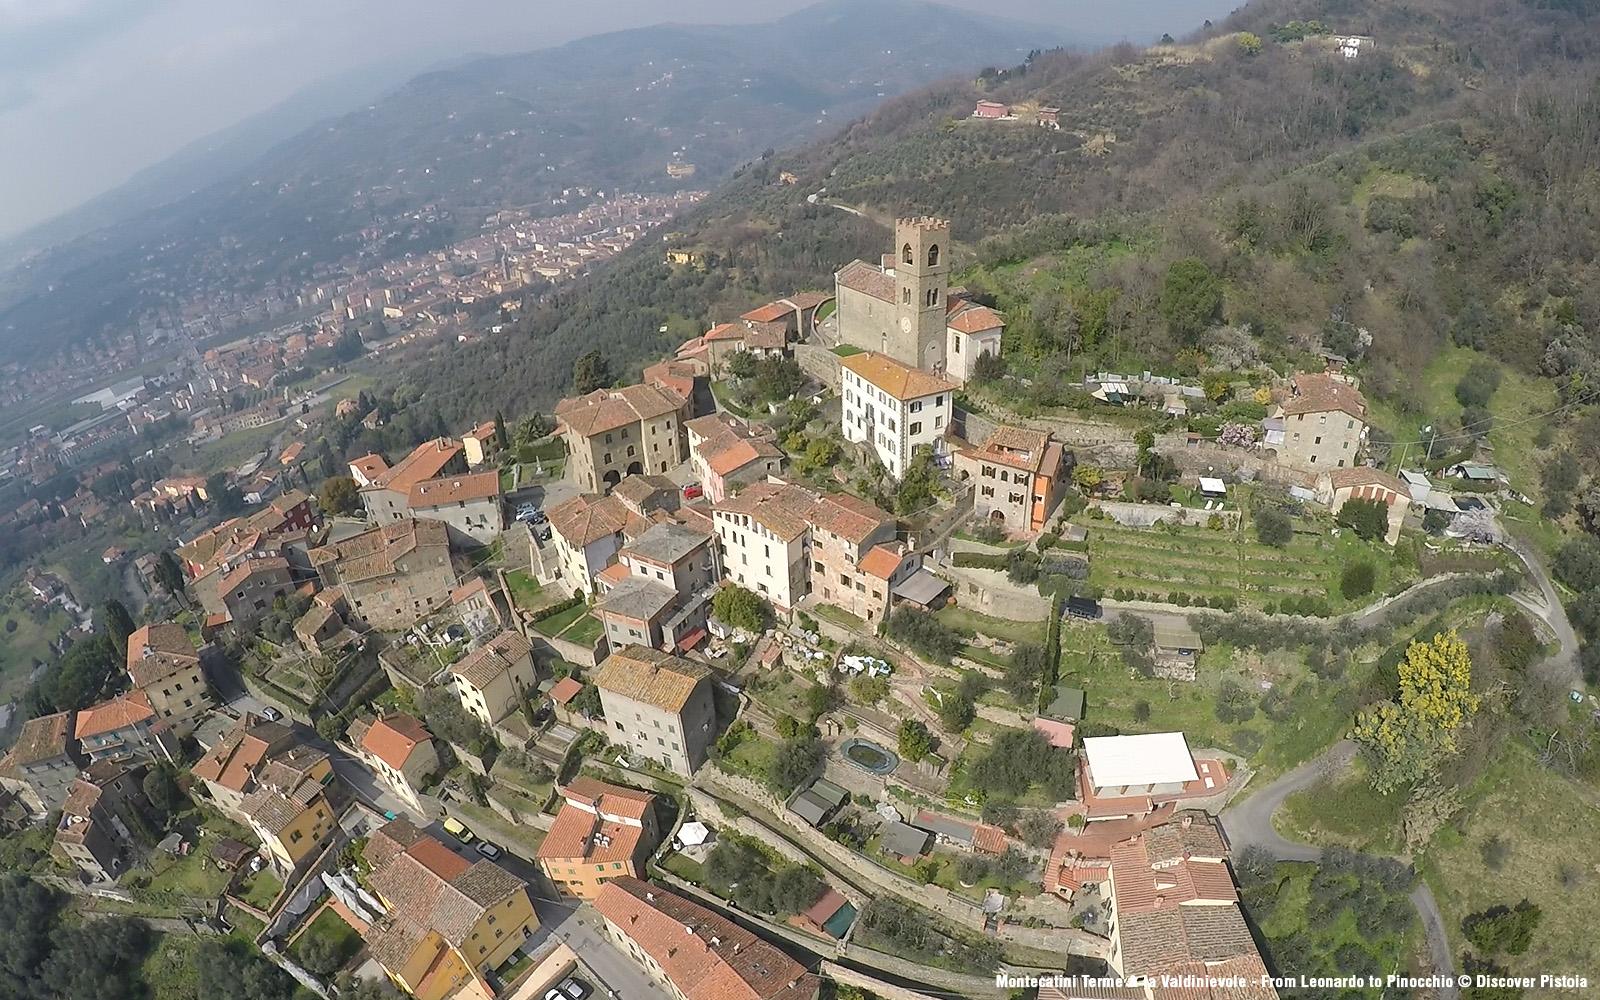 Uzzano - Uzzano, terra di famose ispirazioni - Toscana Ovunque Bella